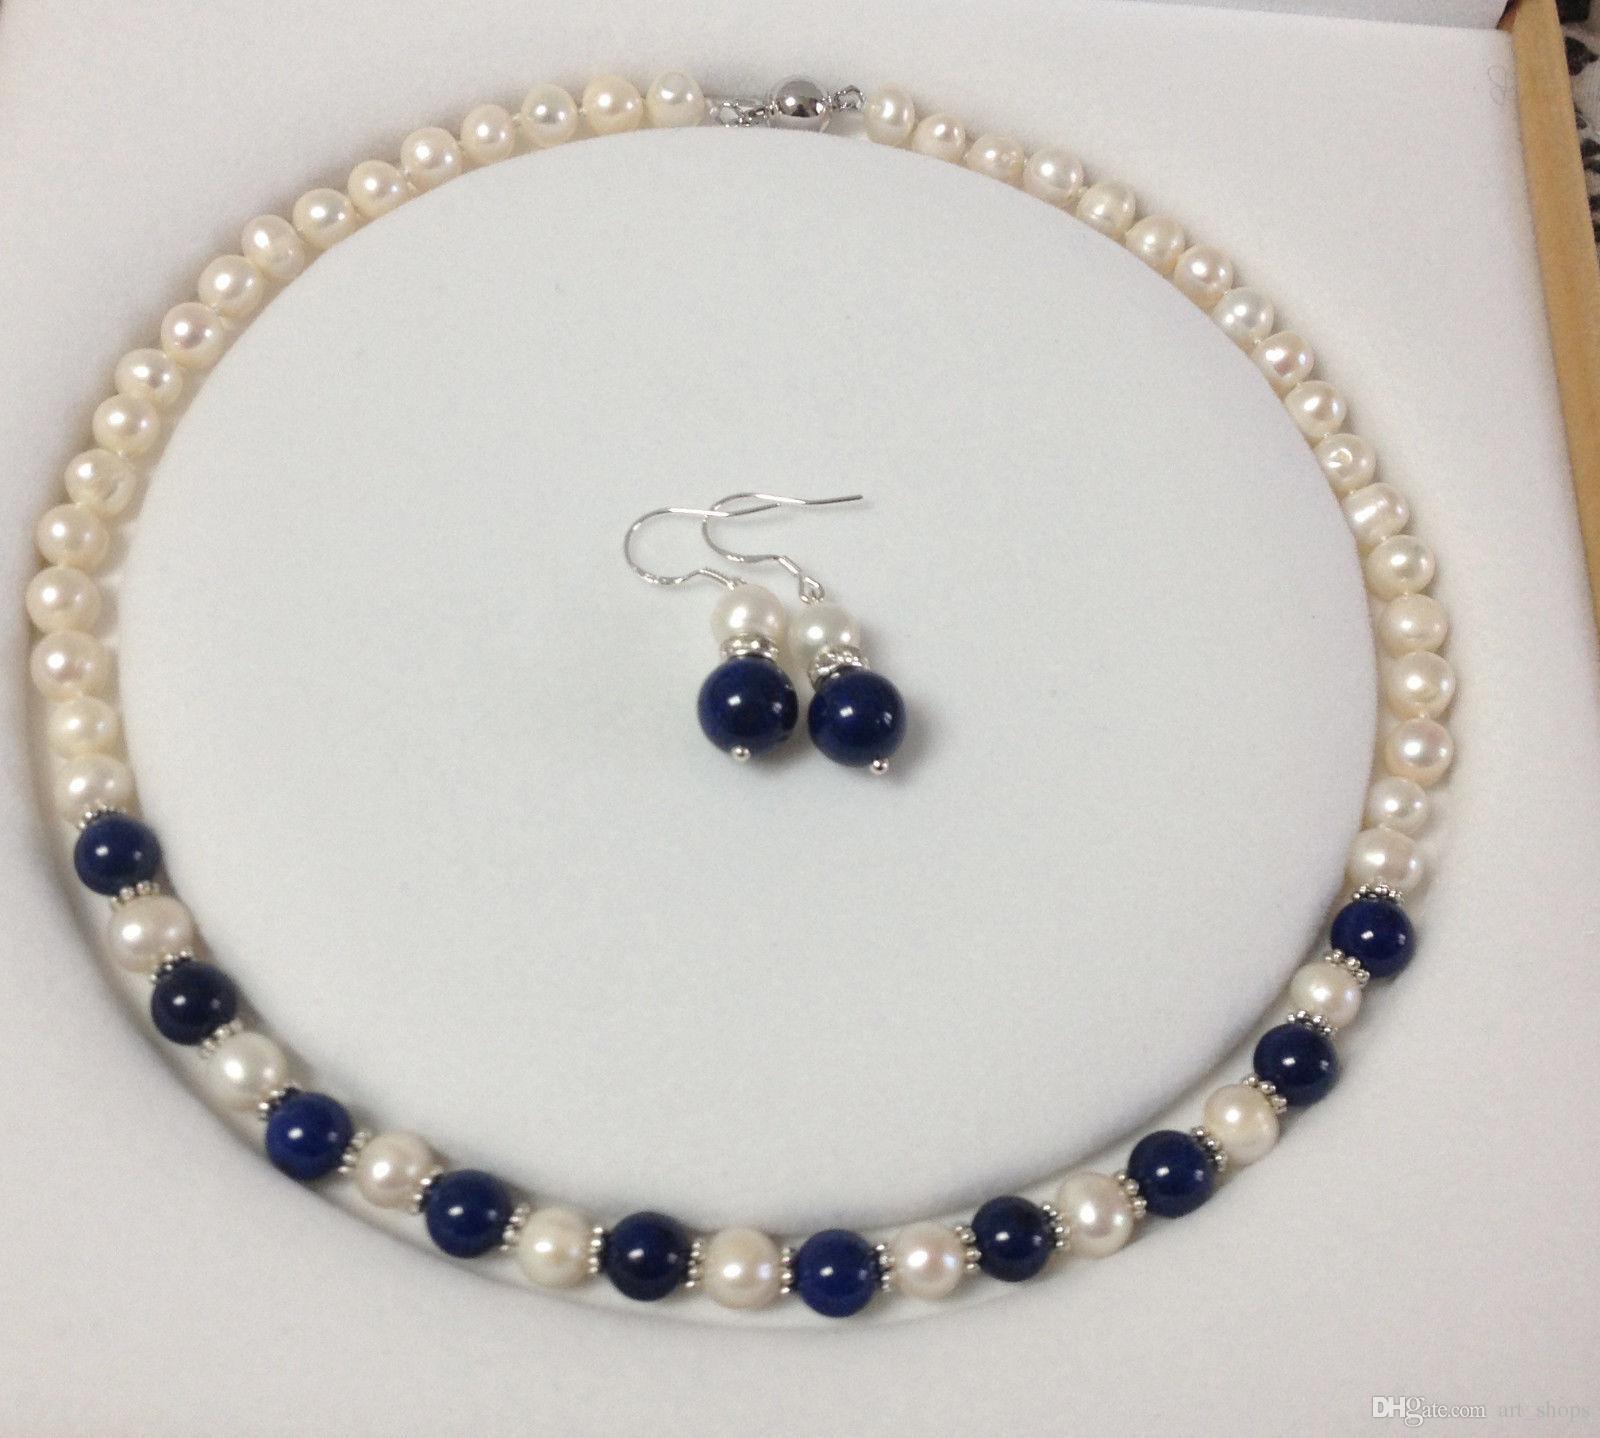 FFREE NAKLIYE ** 7-8 MM Gerçek Doğal Beyaz Inci / Lapis Lazuli Yuvarlak Boncuk Kolye Küpe seti